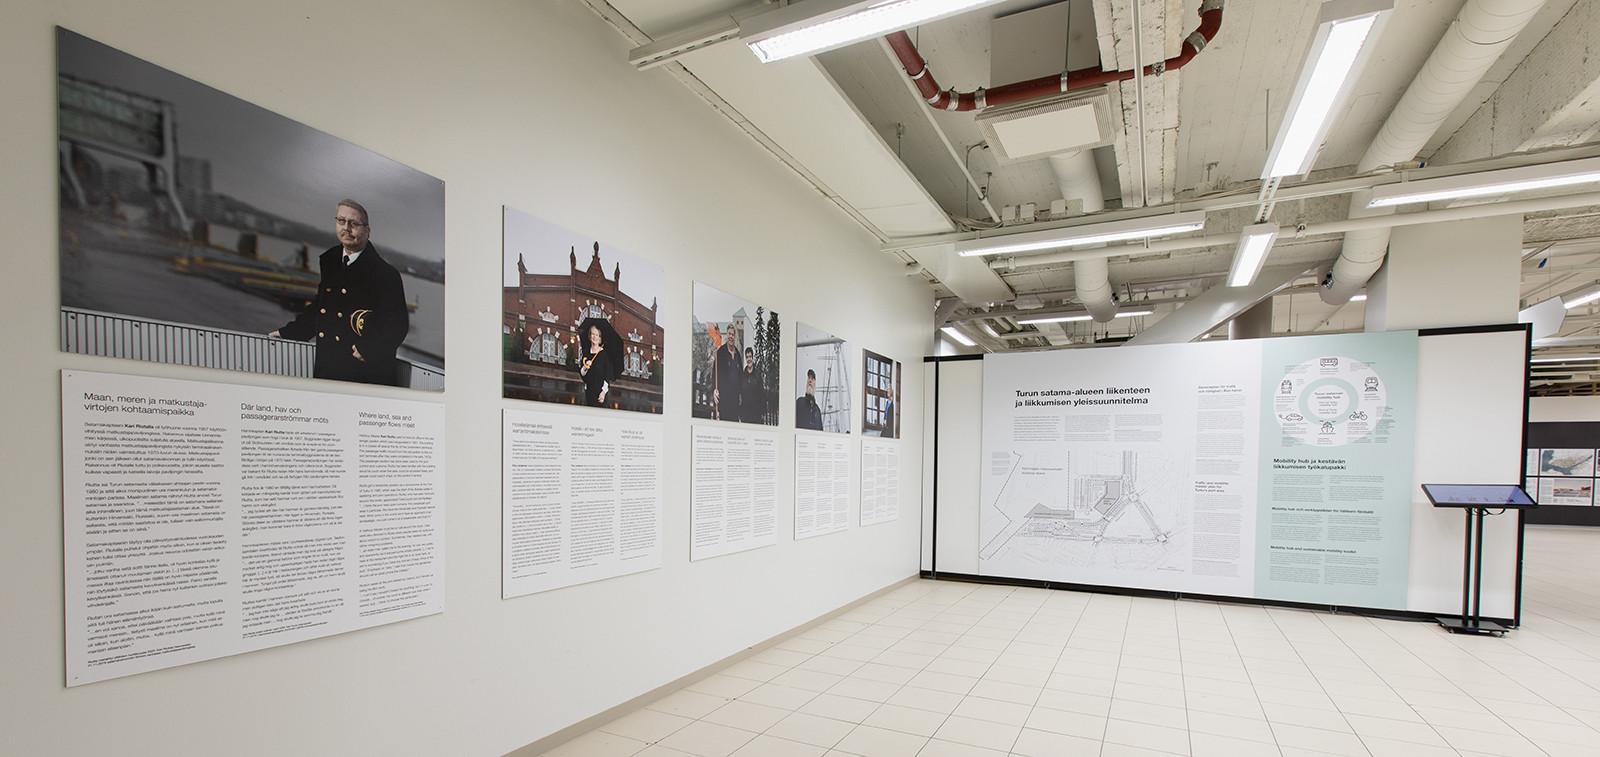 Linnanniemen kehittämisen pop up -näyttely Wiklundin valokäytävässä esitteli kuvin ja tekstein alueen ideakilpailun menestyneitä ehdotuksia ja alueella tehtyä nykydokumentointia.